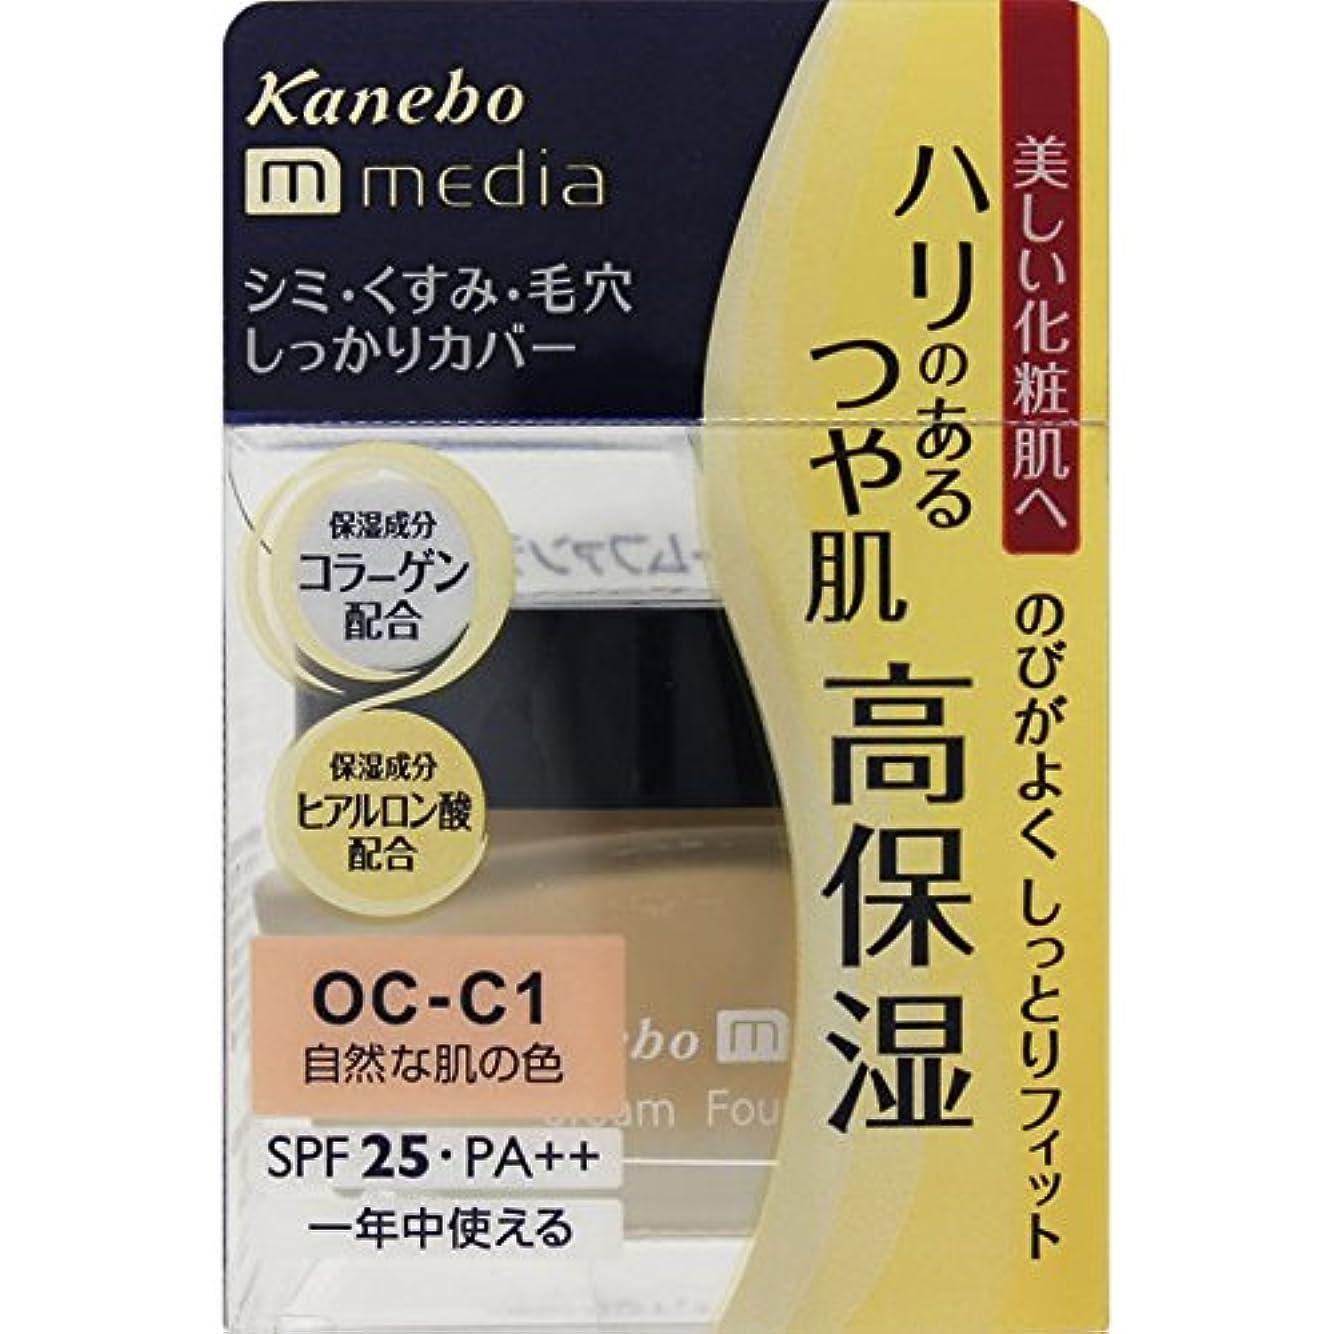 スクラッチホステル引っ張るカネボウ media(メディア) クリームファンデーション OC-C1(自然な肌の色)